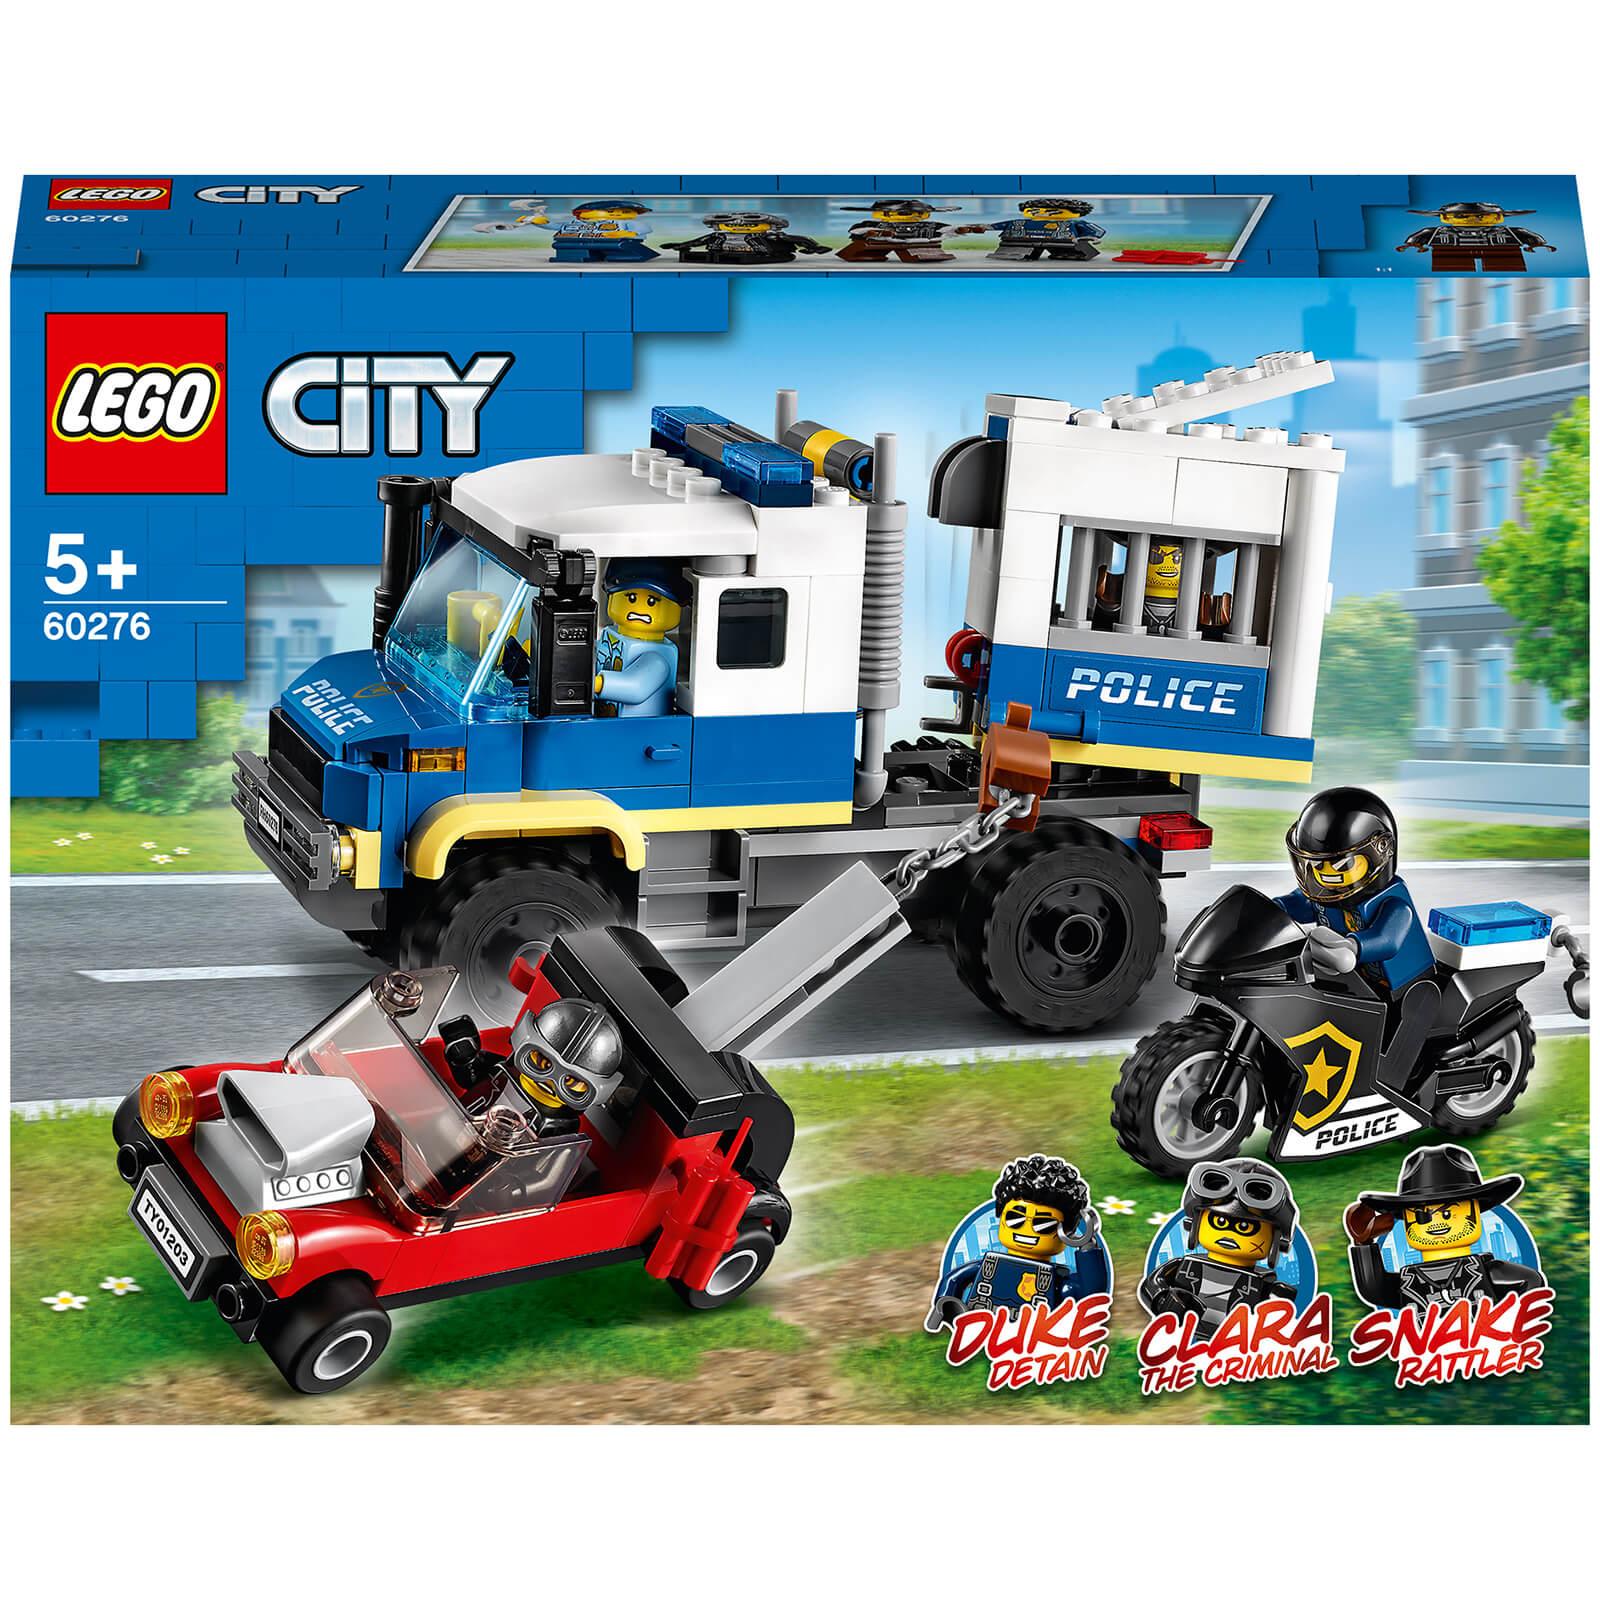 Image of LEGO City Police Prisoner Transport - 60276